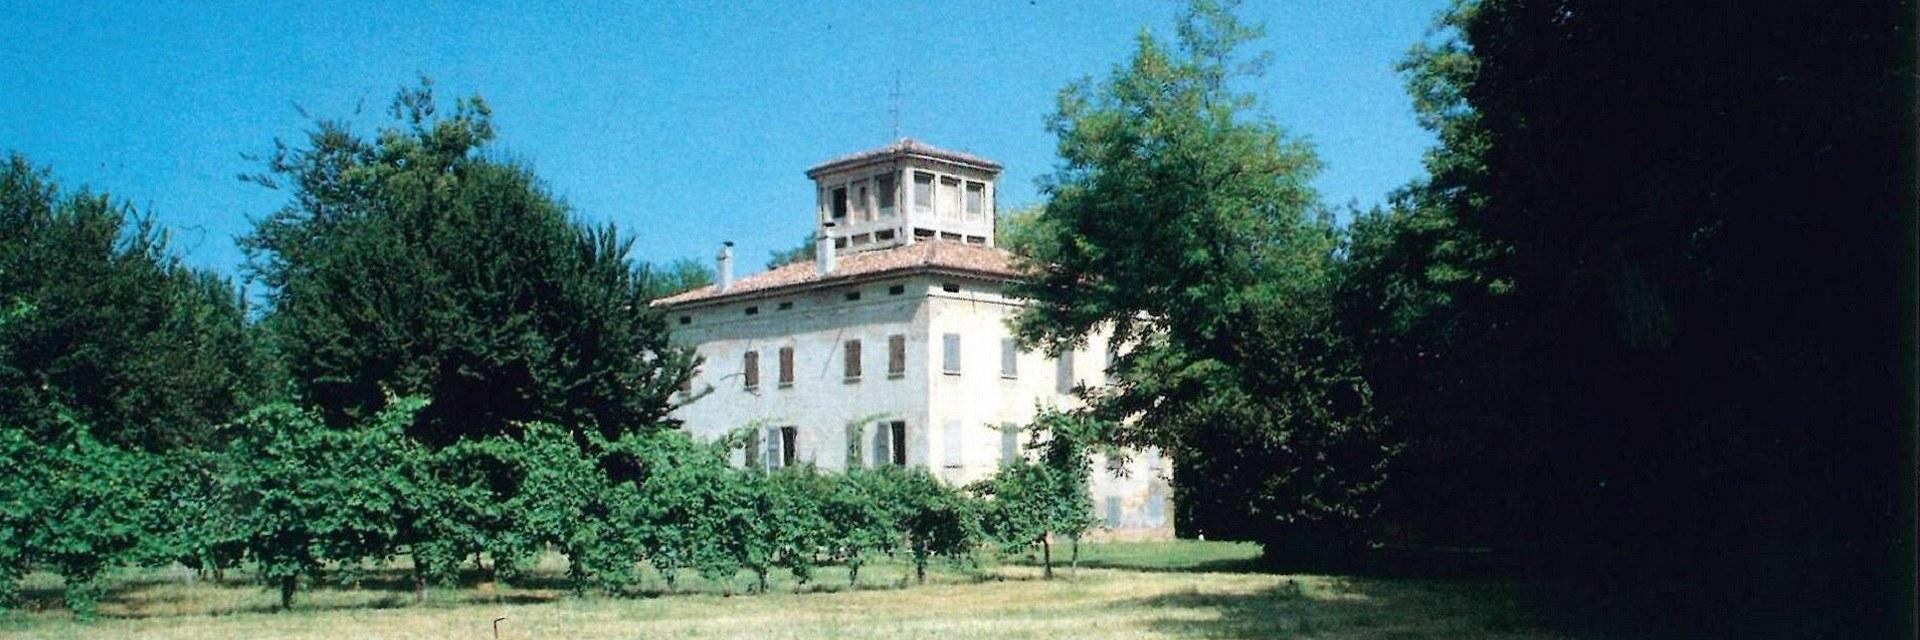 Villa Messori